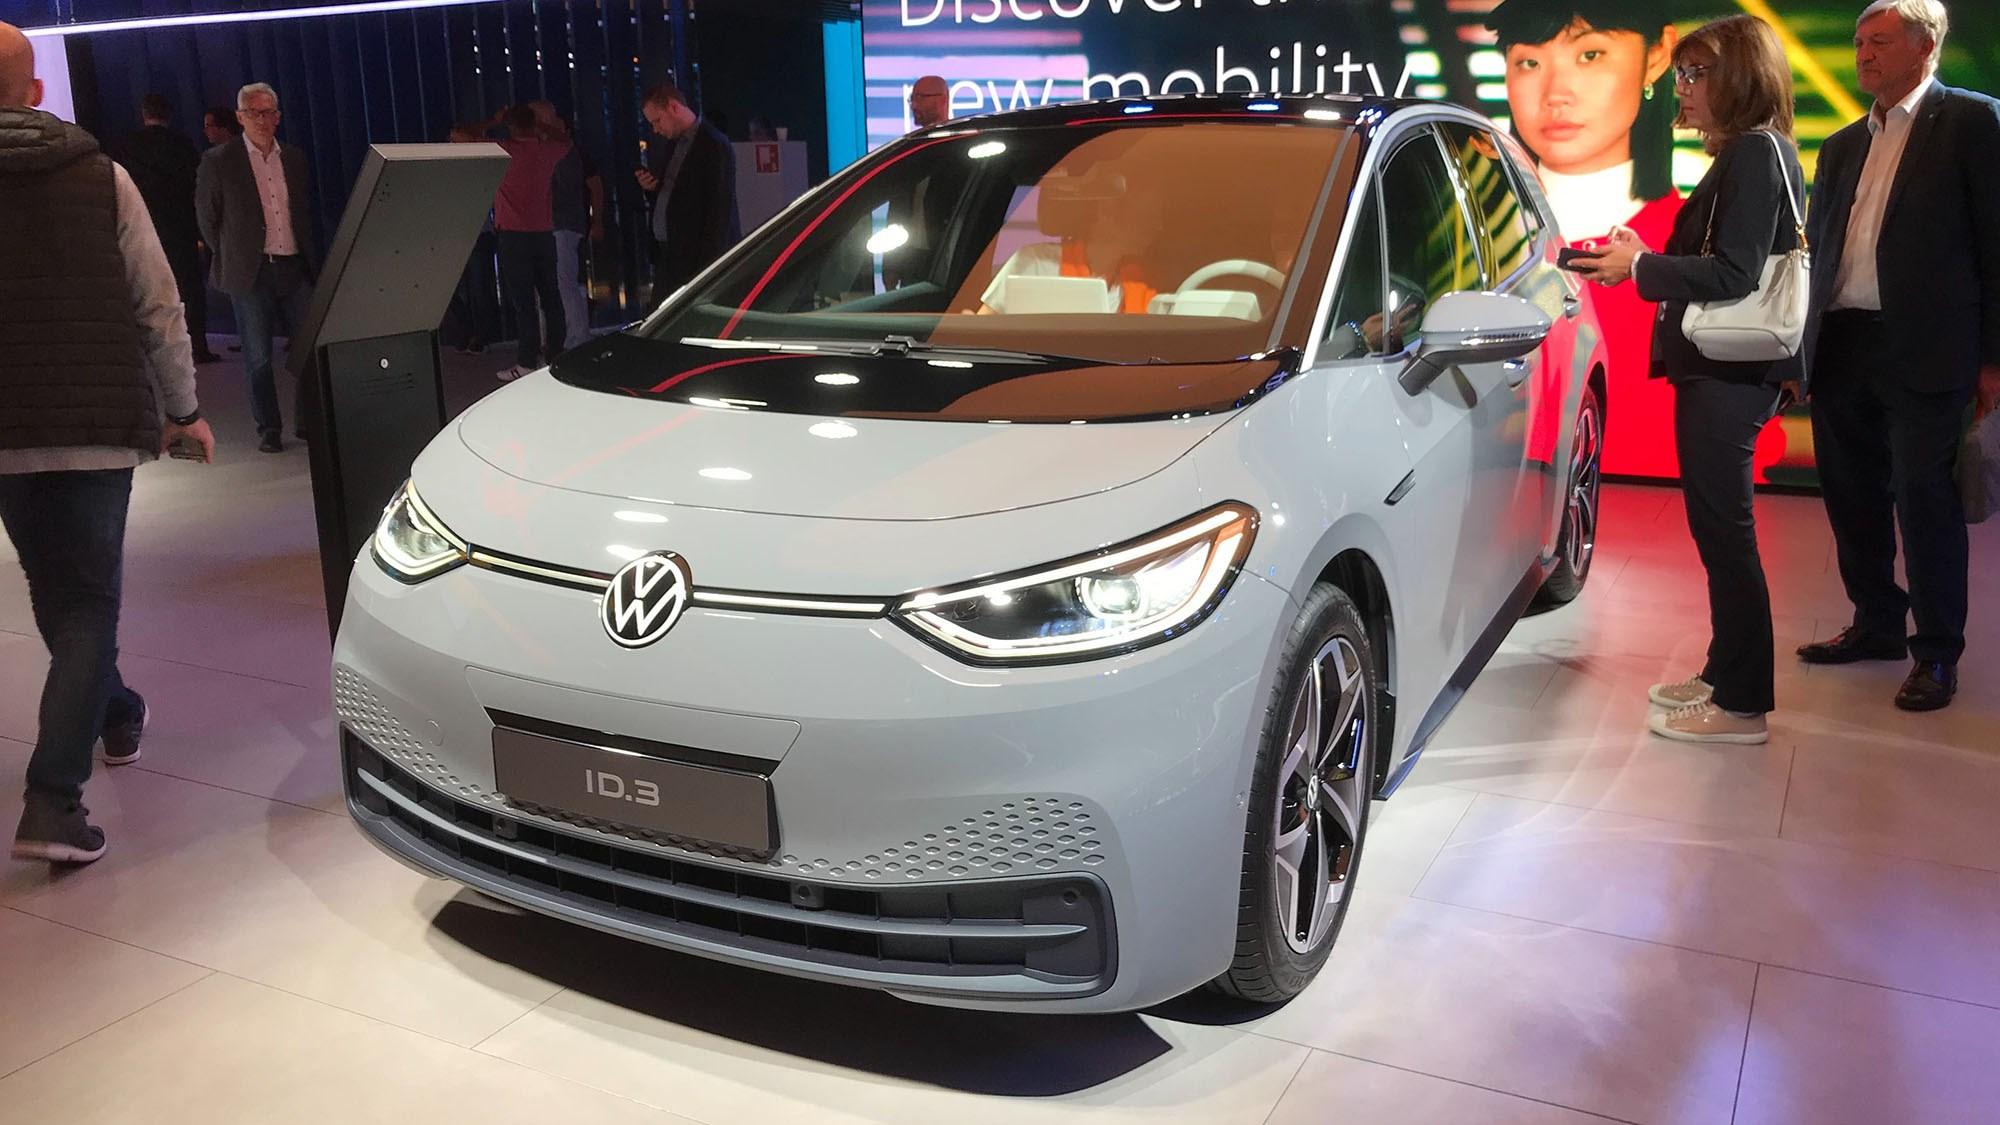 Volkswagen ID.3: Electric VW Goes Live In Frankfurt